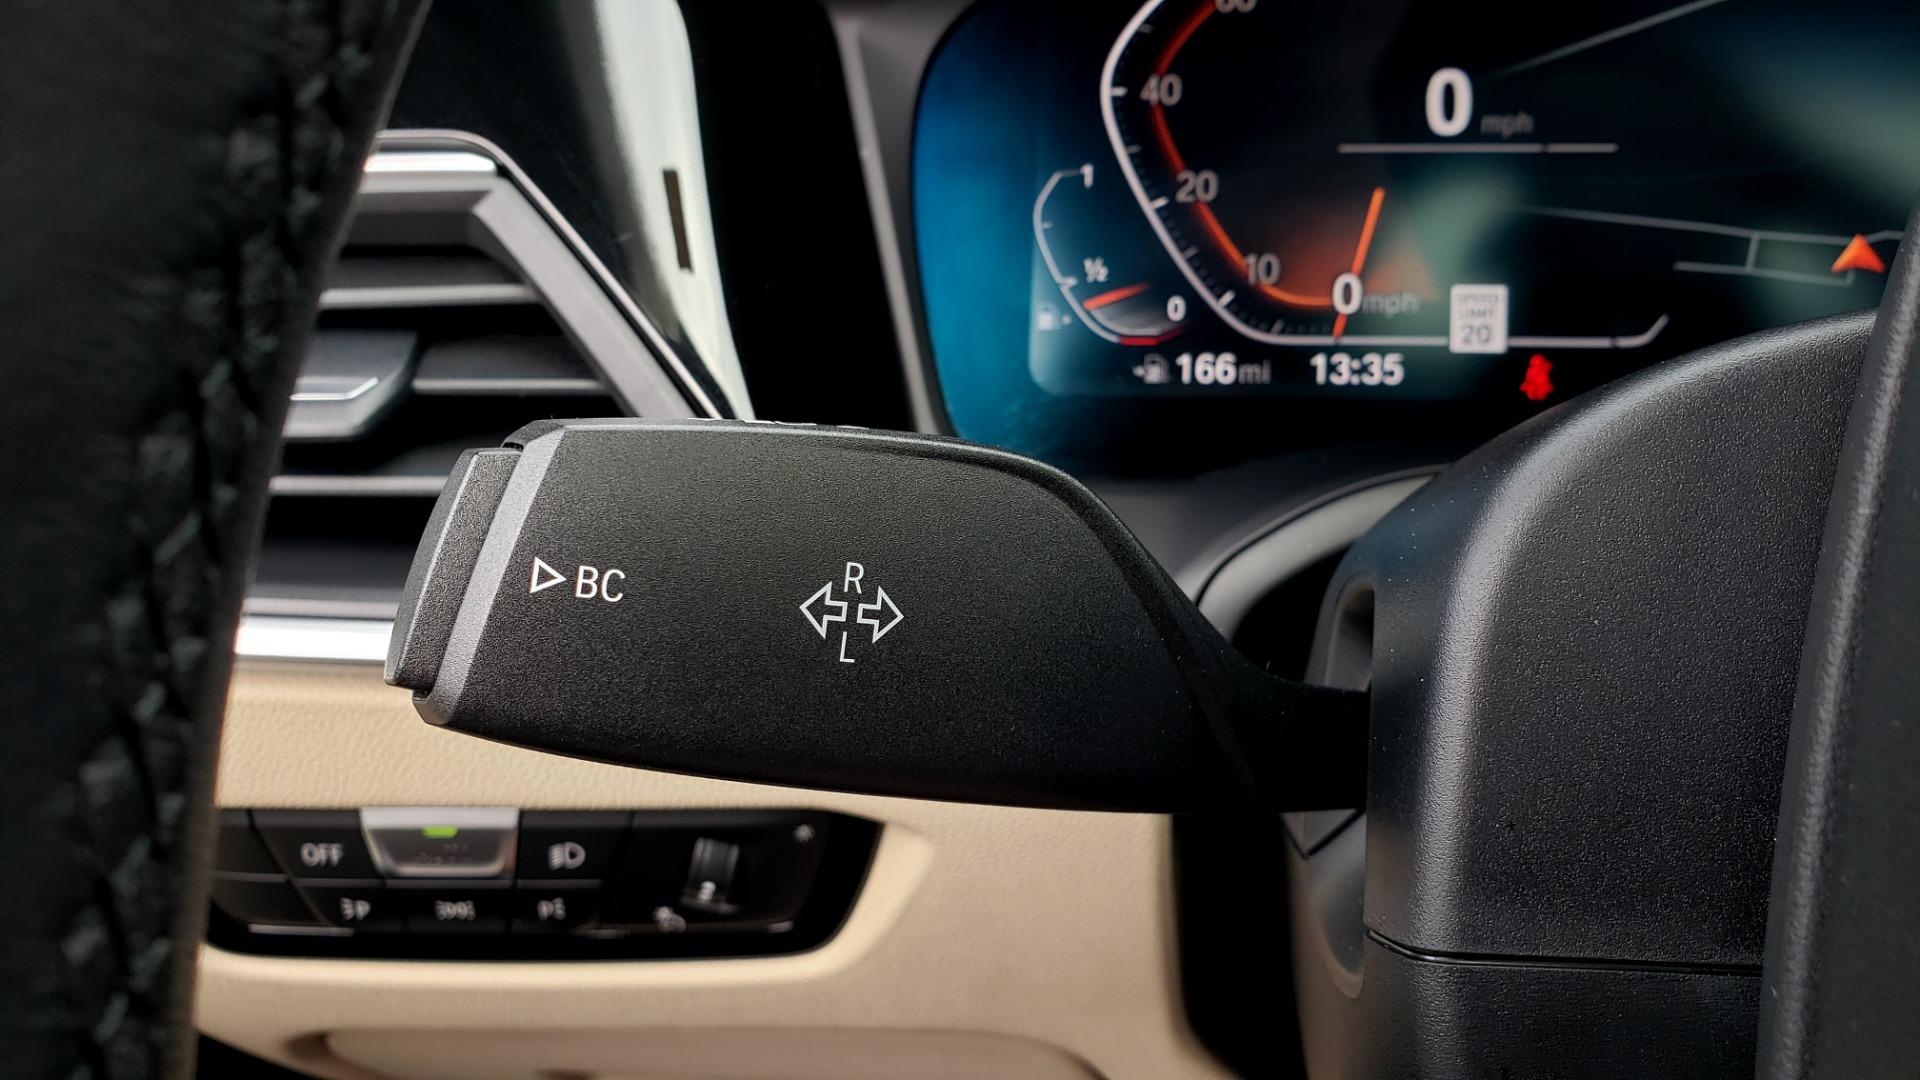 Used 2019 BMW 3 SERIES 330I PREM PKG / NAV / CONV PKG / H&K SND / LIVE COCKPIT PRO for sale Sold at Formula Imports in Charlotte NC 28227 42